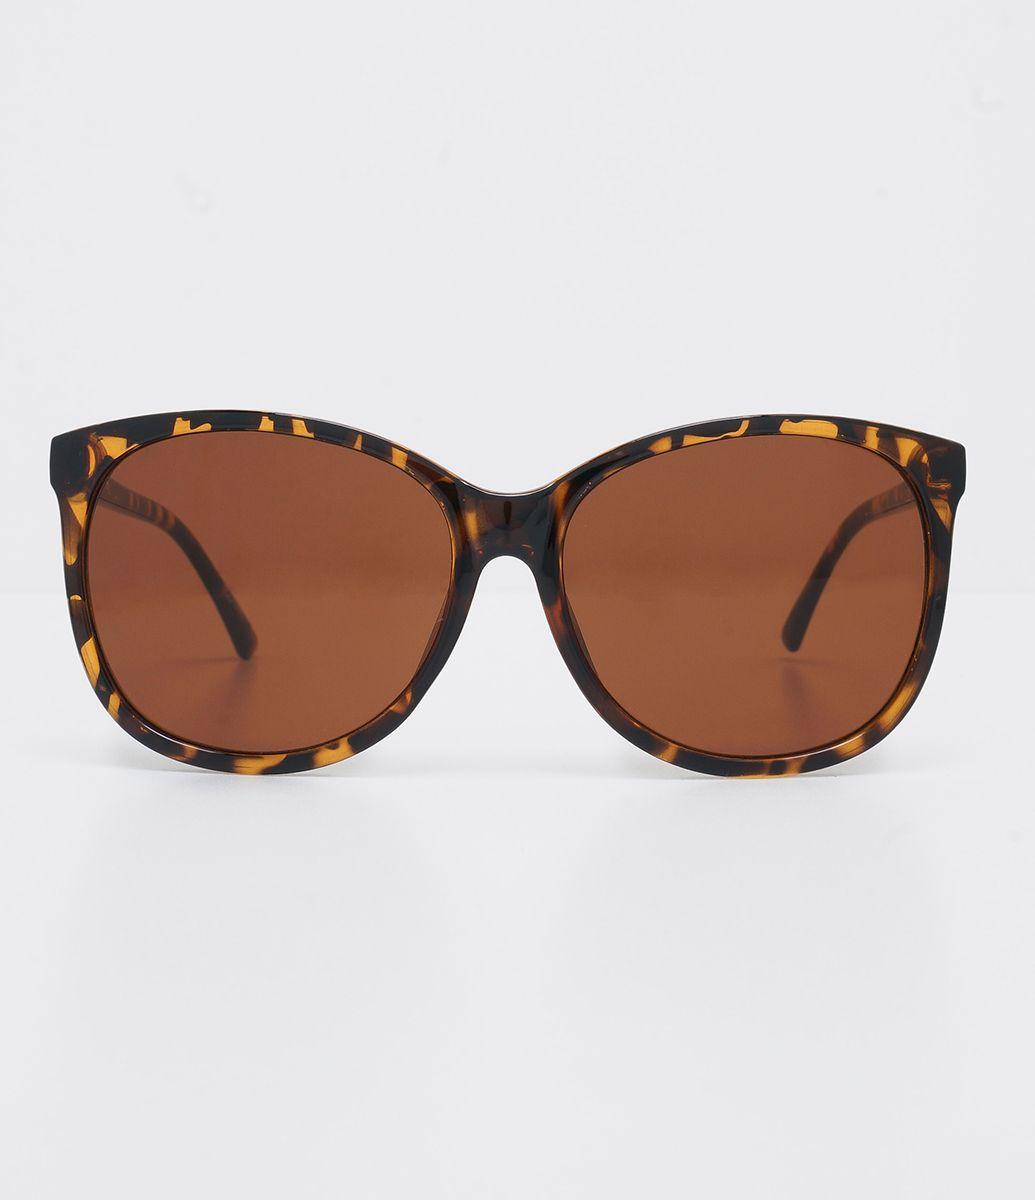 53df29ddb3c62 Óculos de sol Modelo redondo Hastes em acetato Lentes degradê Proteção  contra raios UVA   UVB